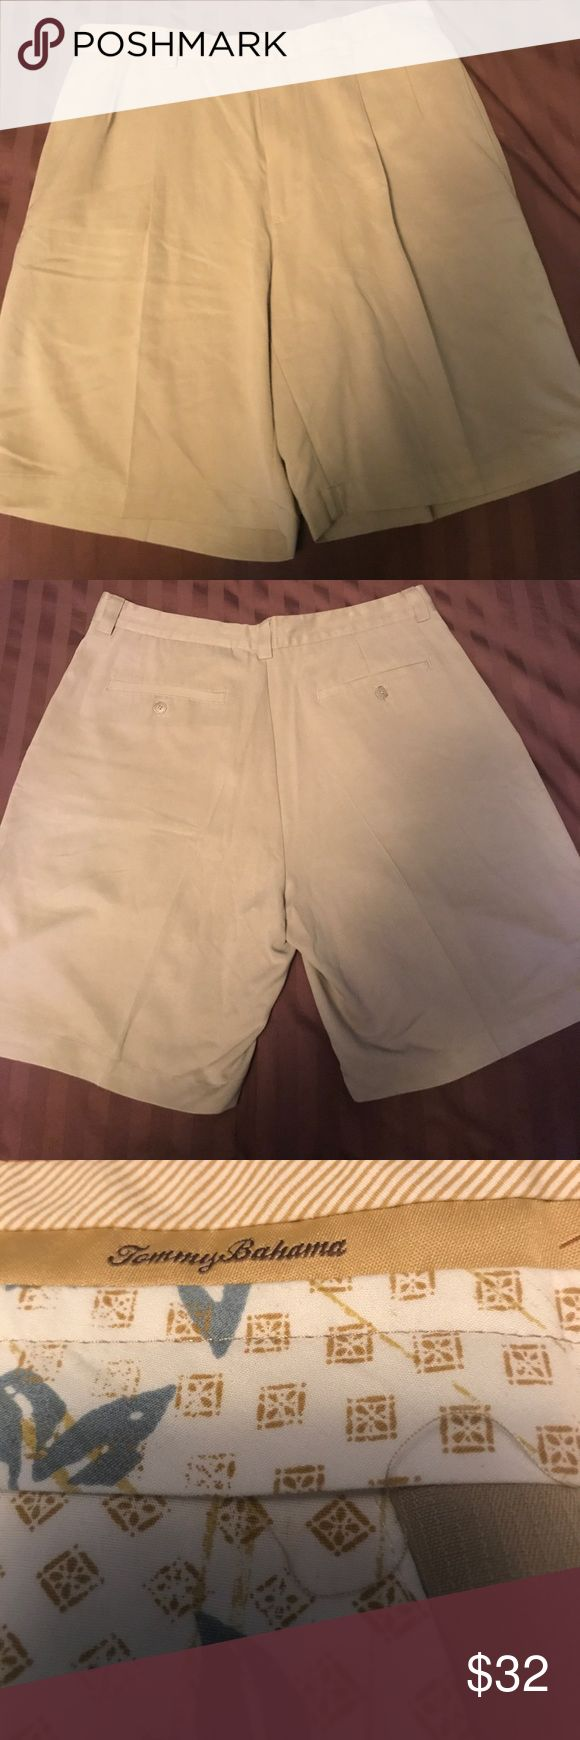 Awesome Tommy Bahama Mens dress shorts awesome Tommy Bahama men's dress shorts.  Feel the silk.   Size 33 Tommy Bahama Shorts